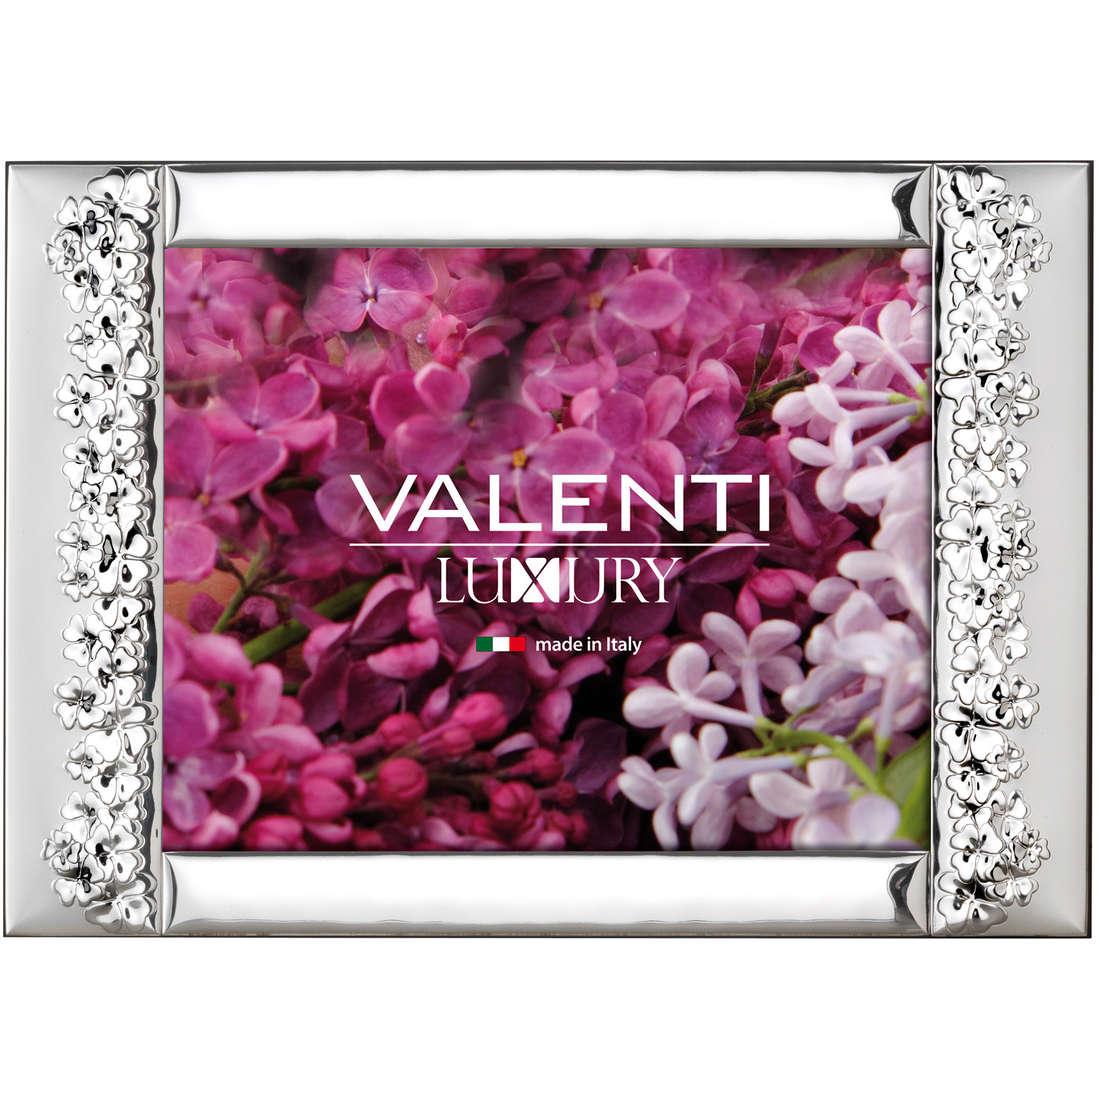 Cornici Valenti, cornice/specchiera lucida 56006 2L